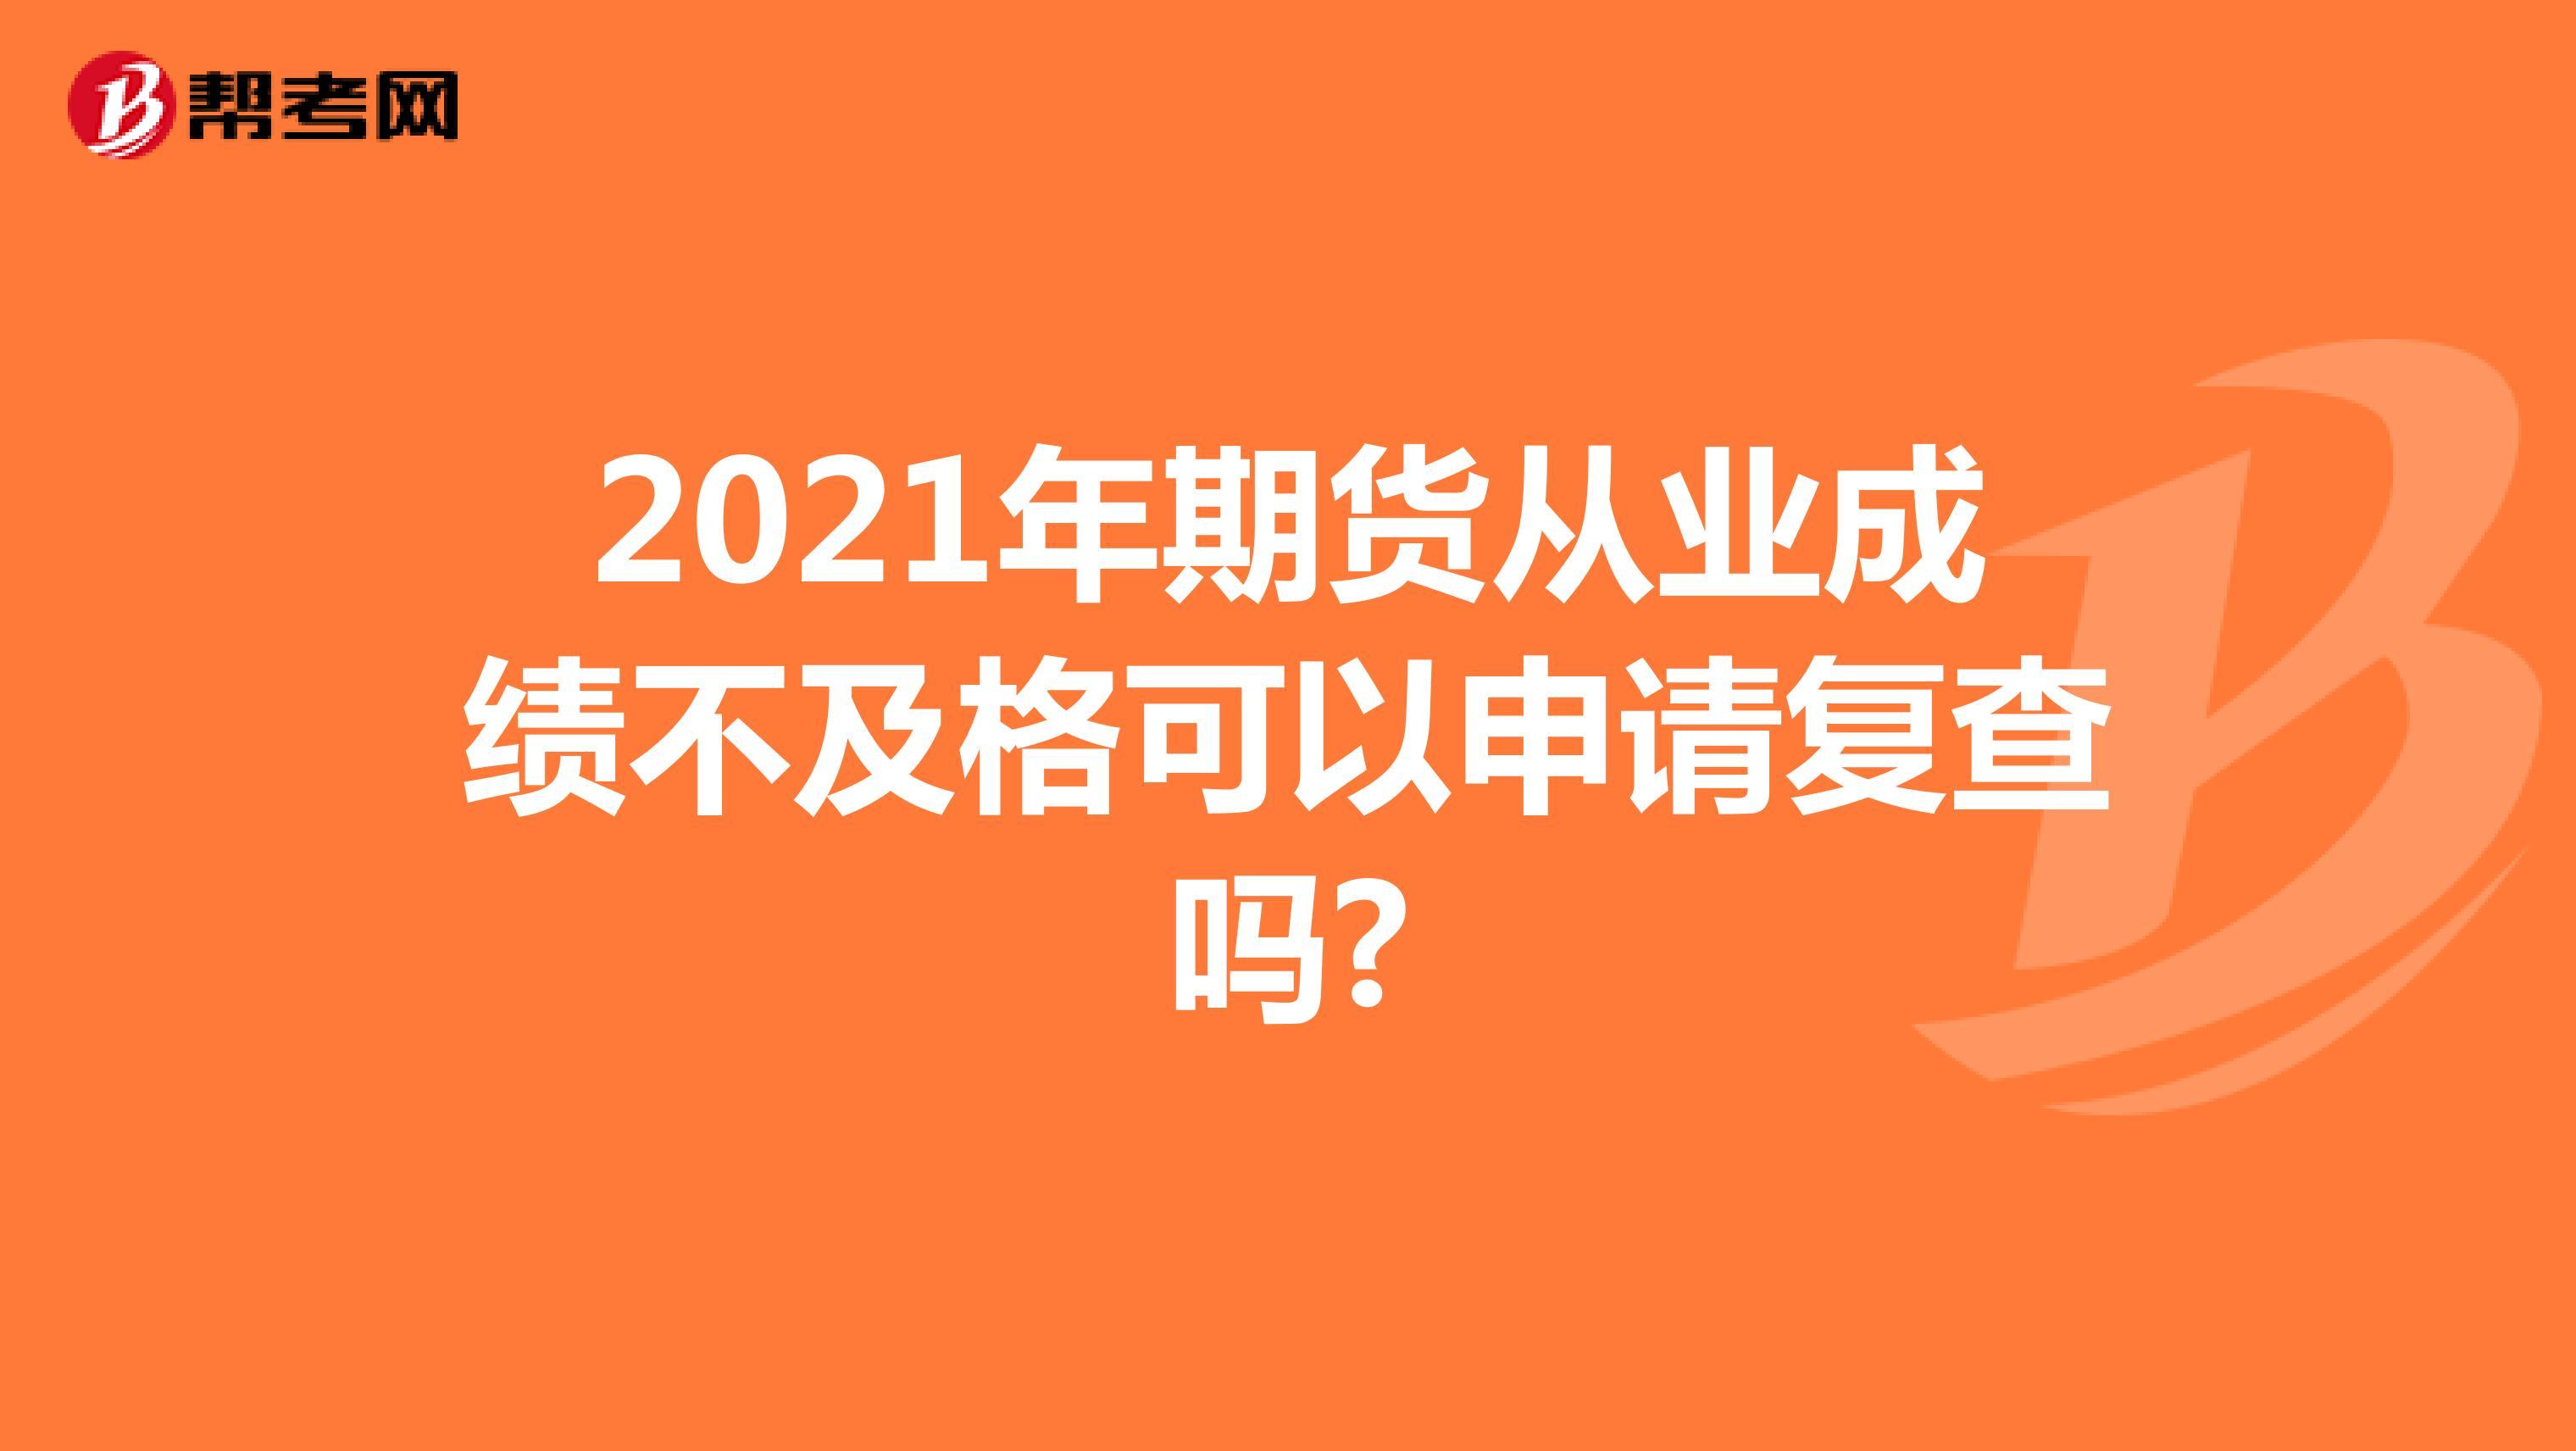 2021年期货从业成绩不及格可以申请复查吗?